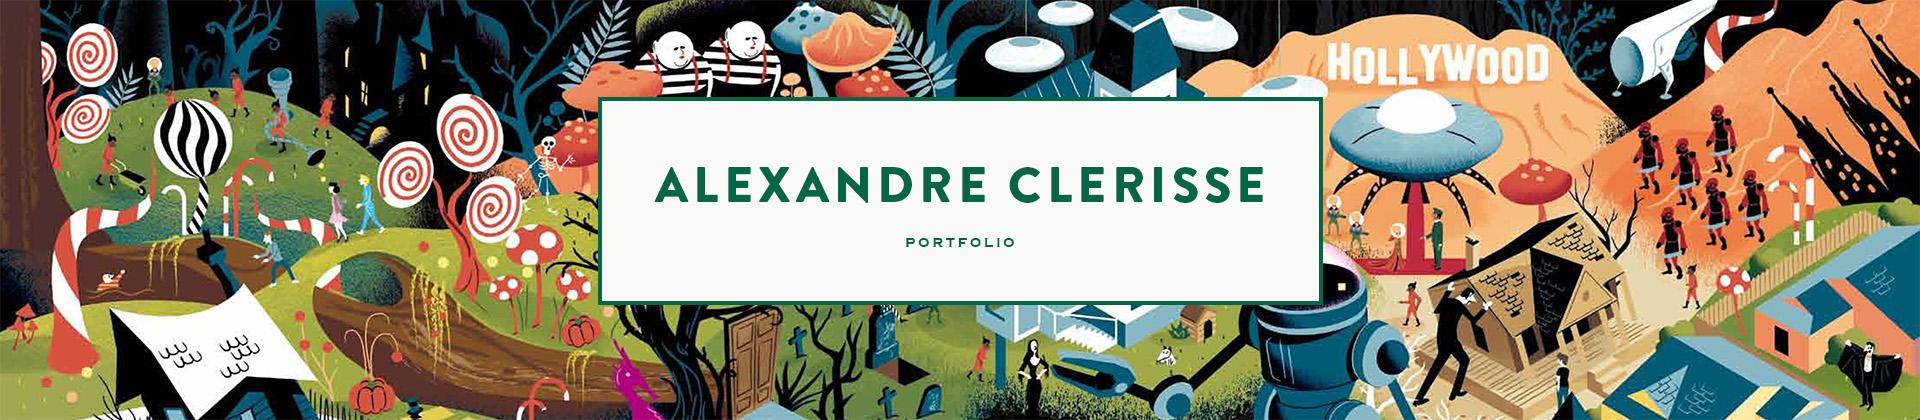 Alexandre Clérisse